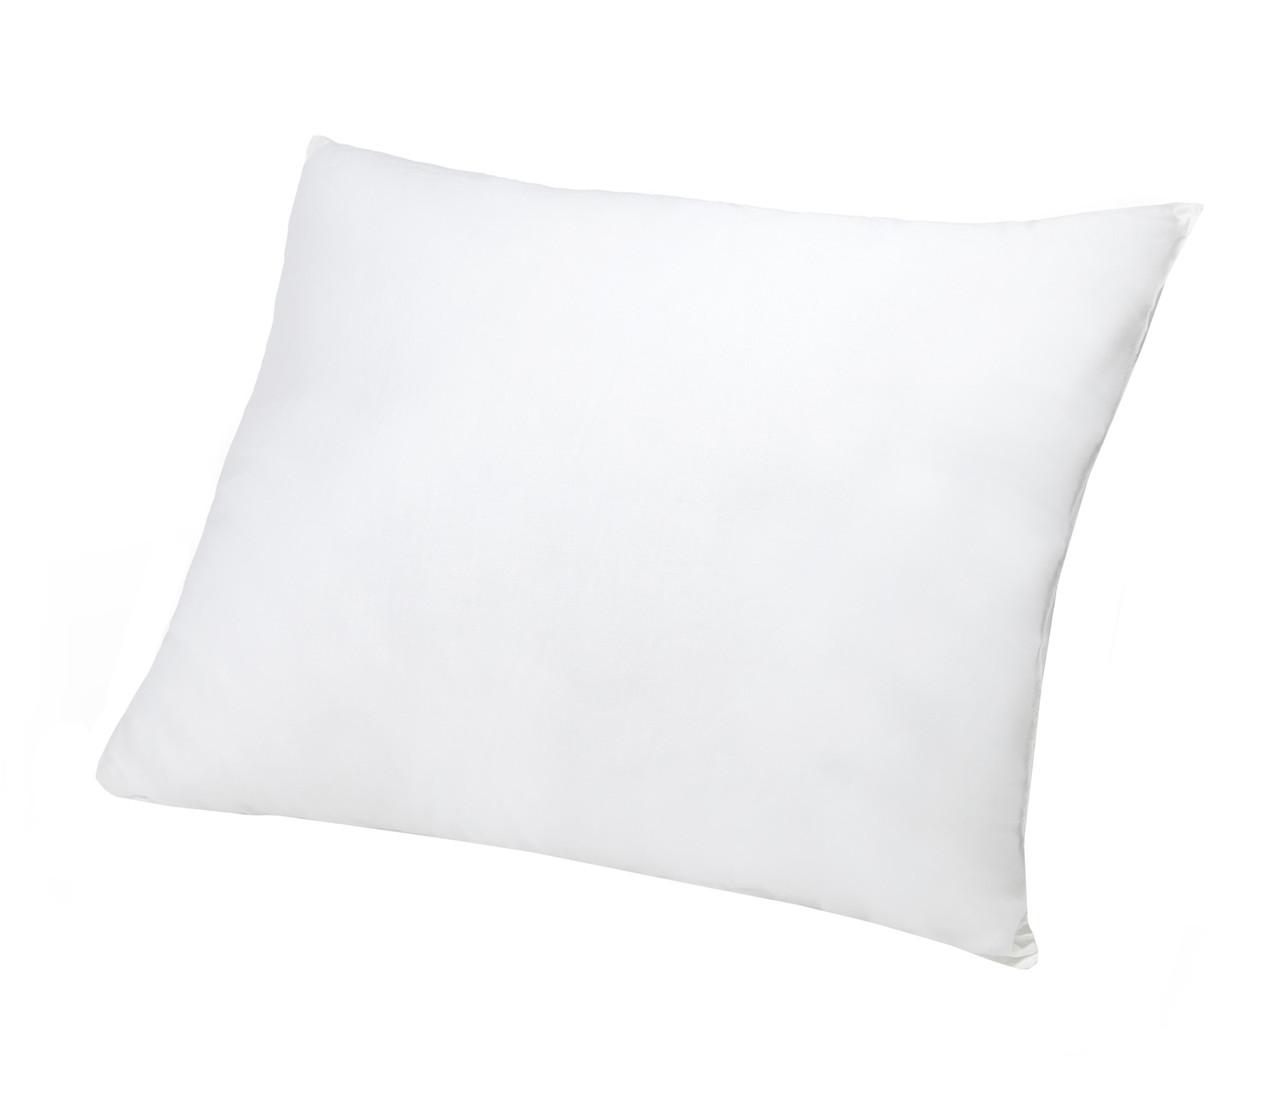 Подушка Anilana Микрофибра Radexim-Max 7539 40x40 см Белая